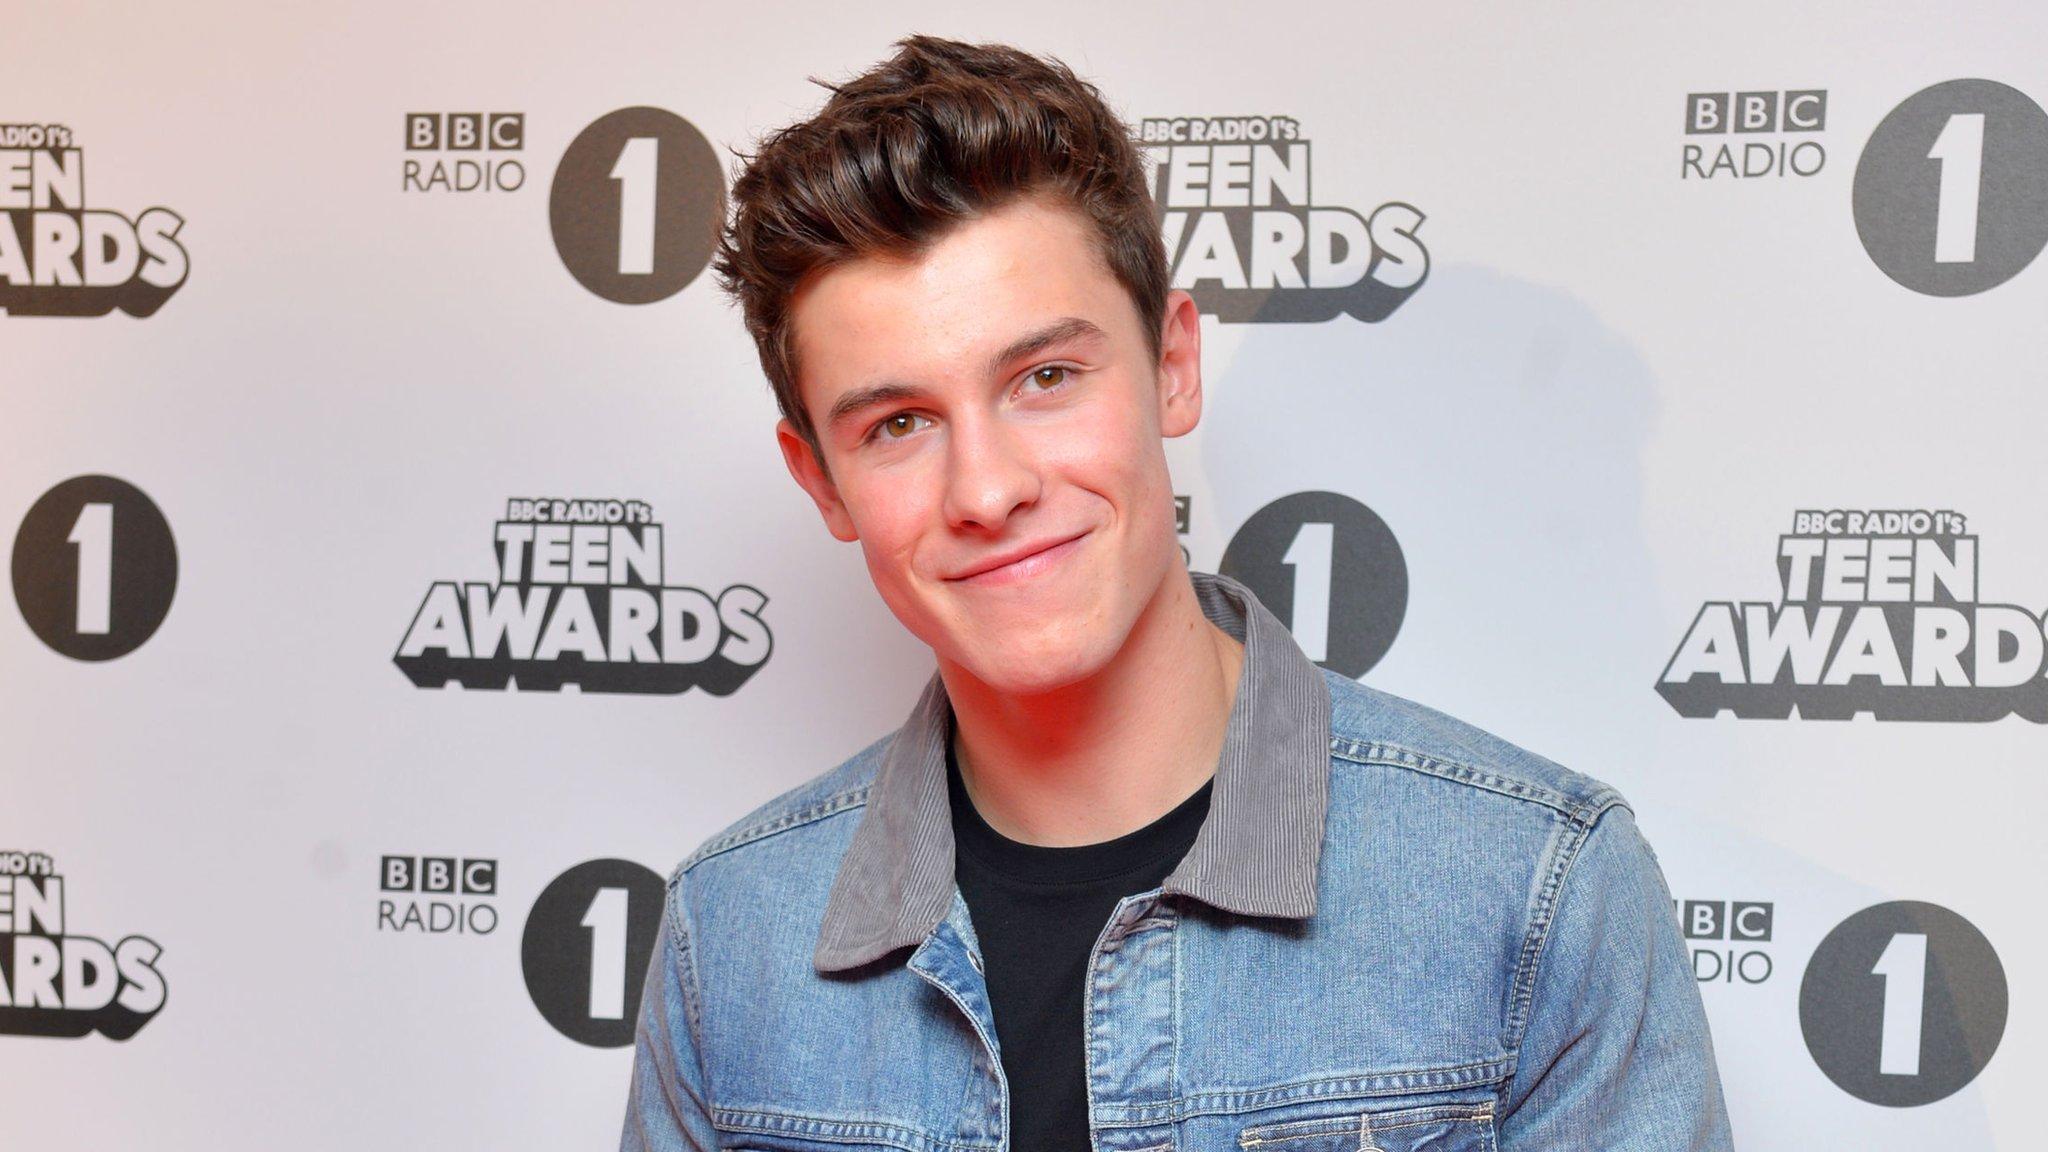 Shawn Mendes wins big at the Radio 1 Teen Awards